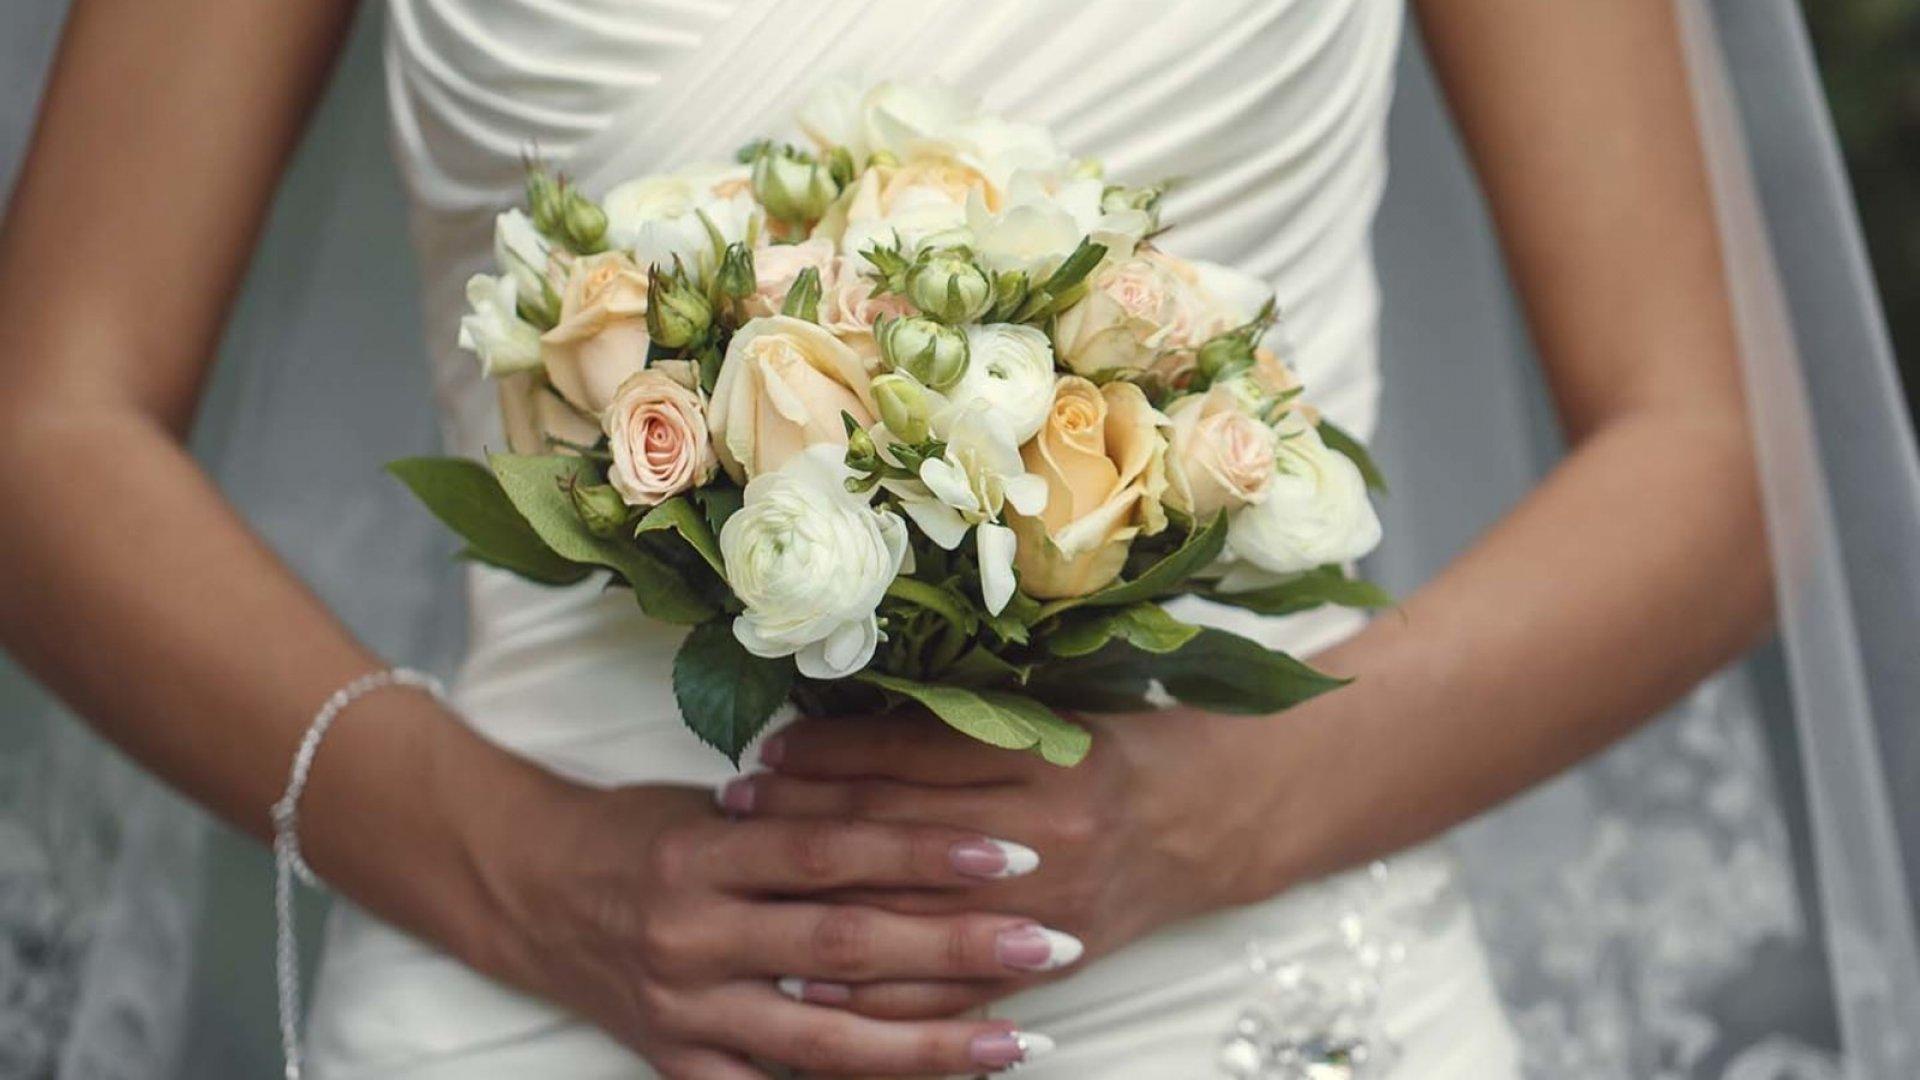 La tradición del ramo de novia